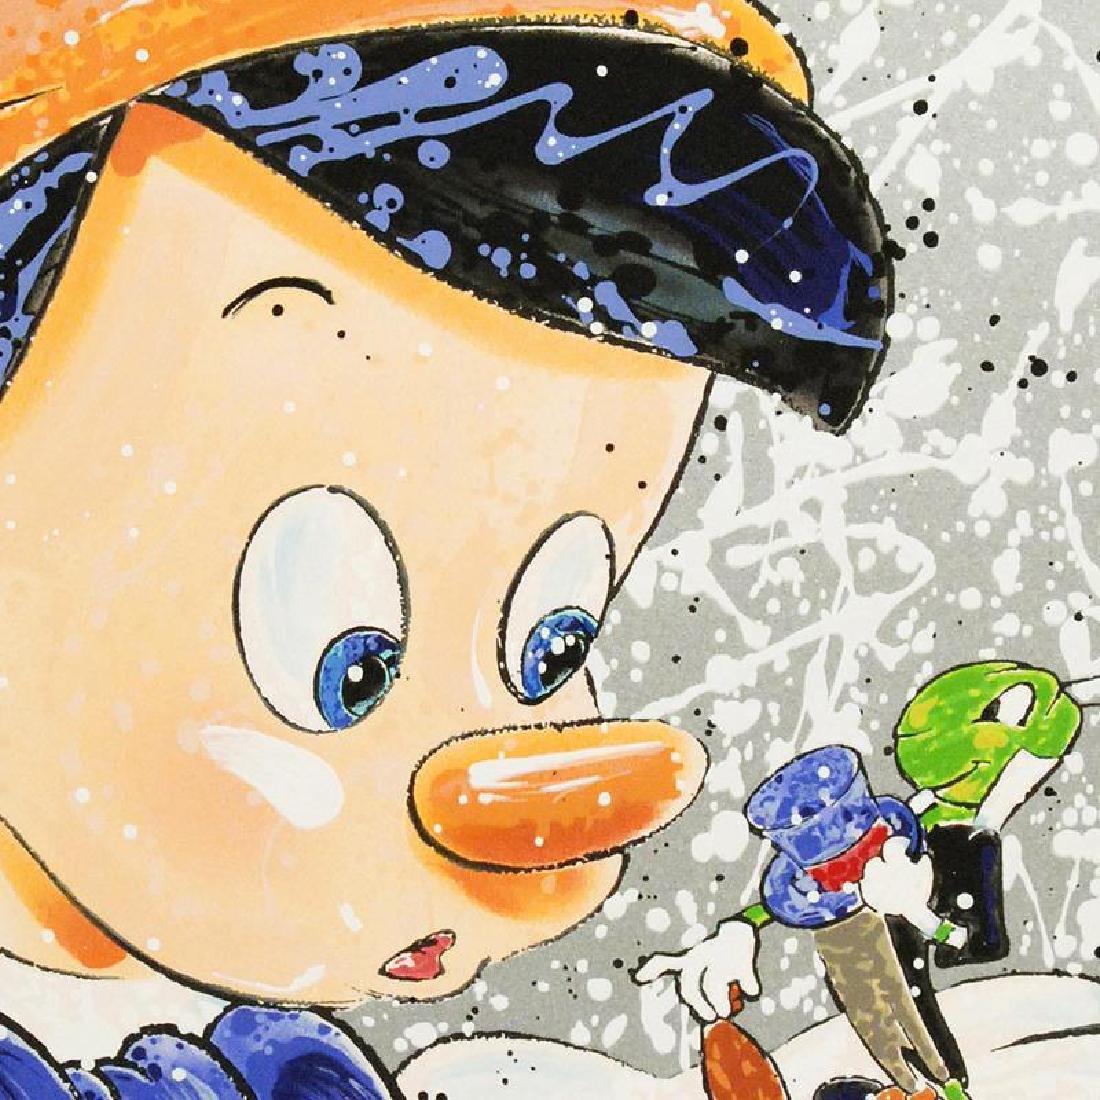 Boy Oh Boy Oh Boy Disney Limited Edition Serigraph by - 3